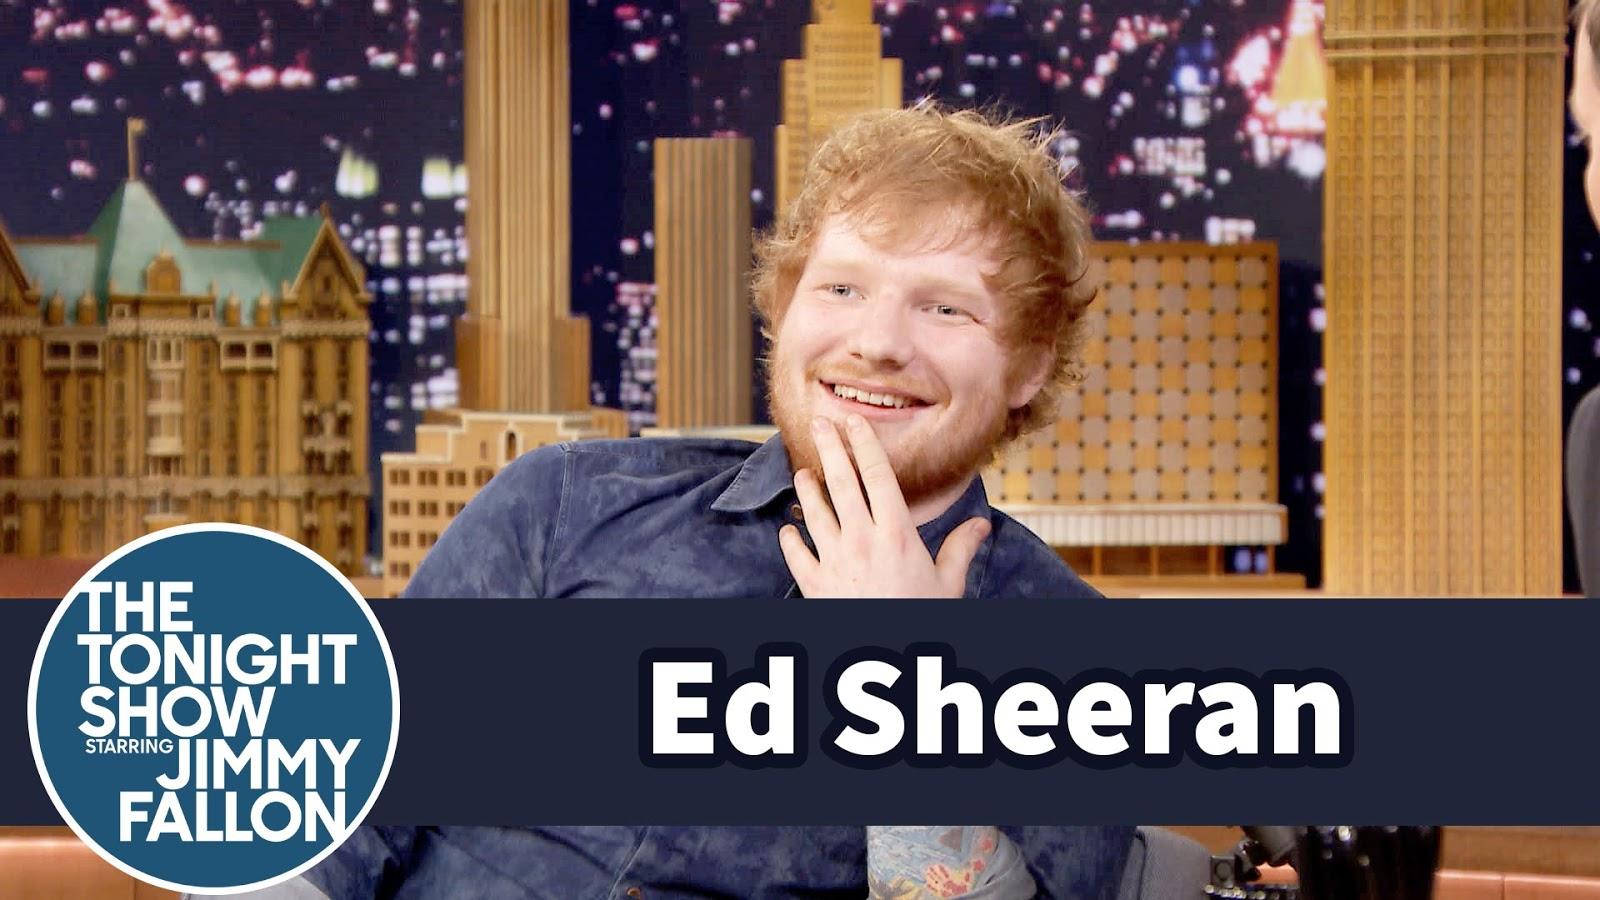 Lirik Lagu Dan Kunci Gitar Ed Sheeran